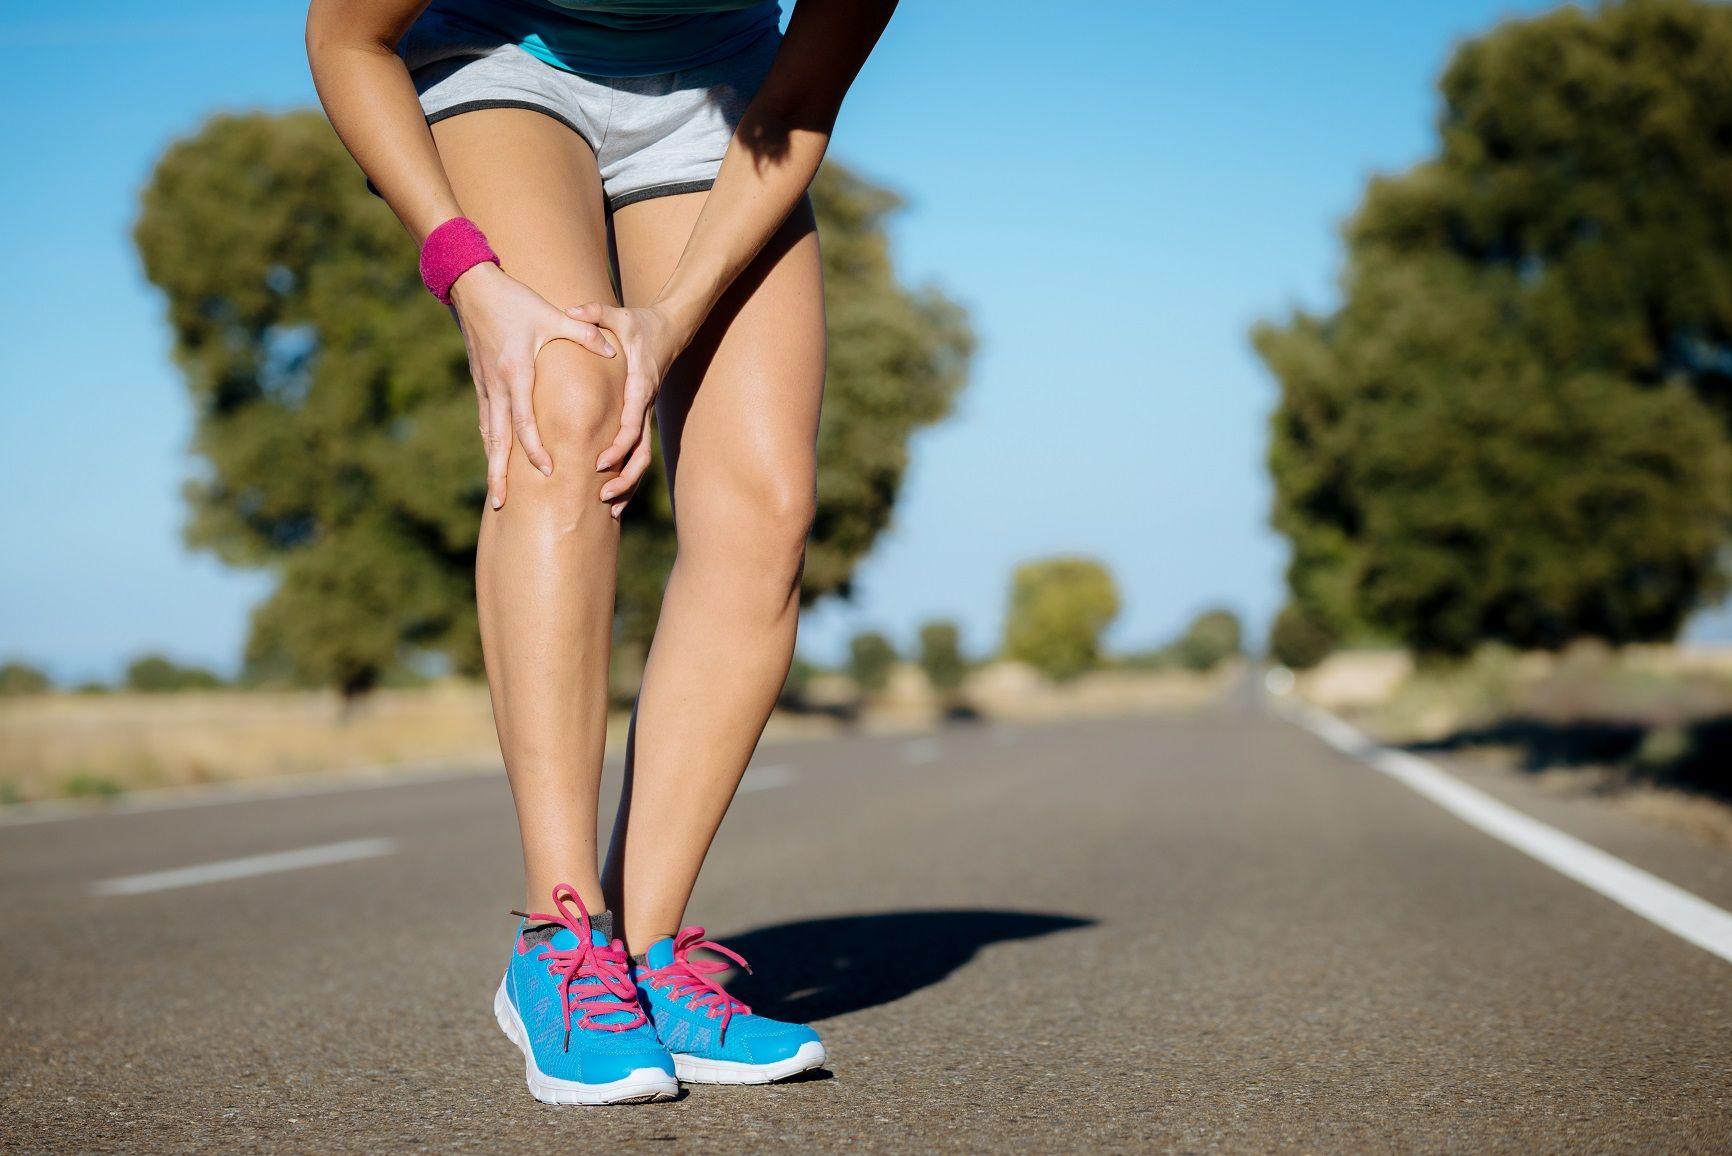 Zespół bólowy przedniego przedziału kolana